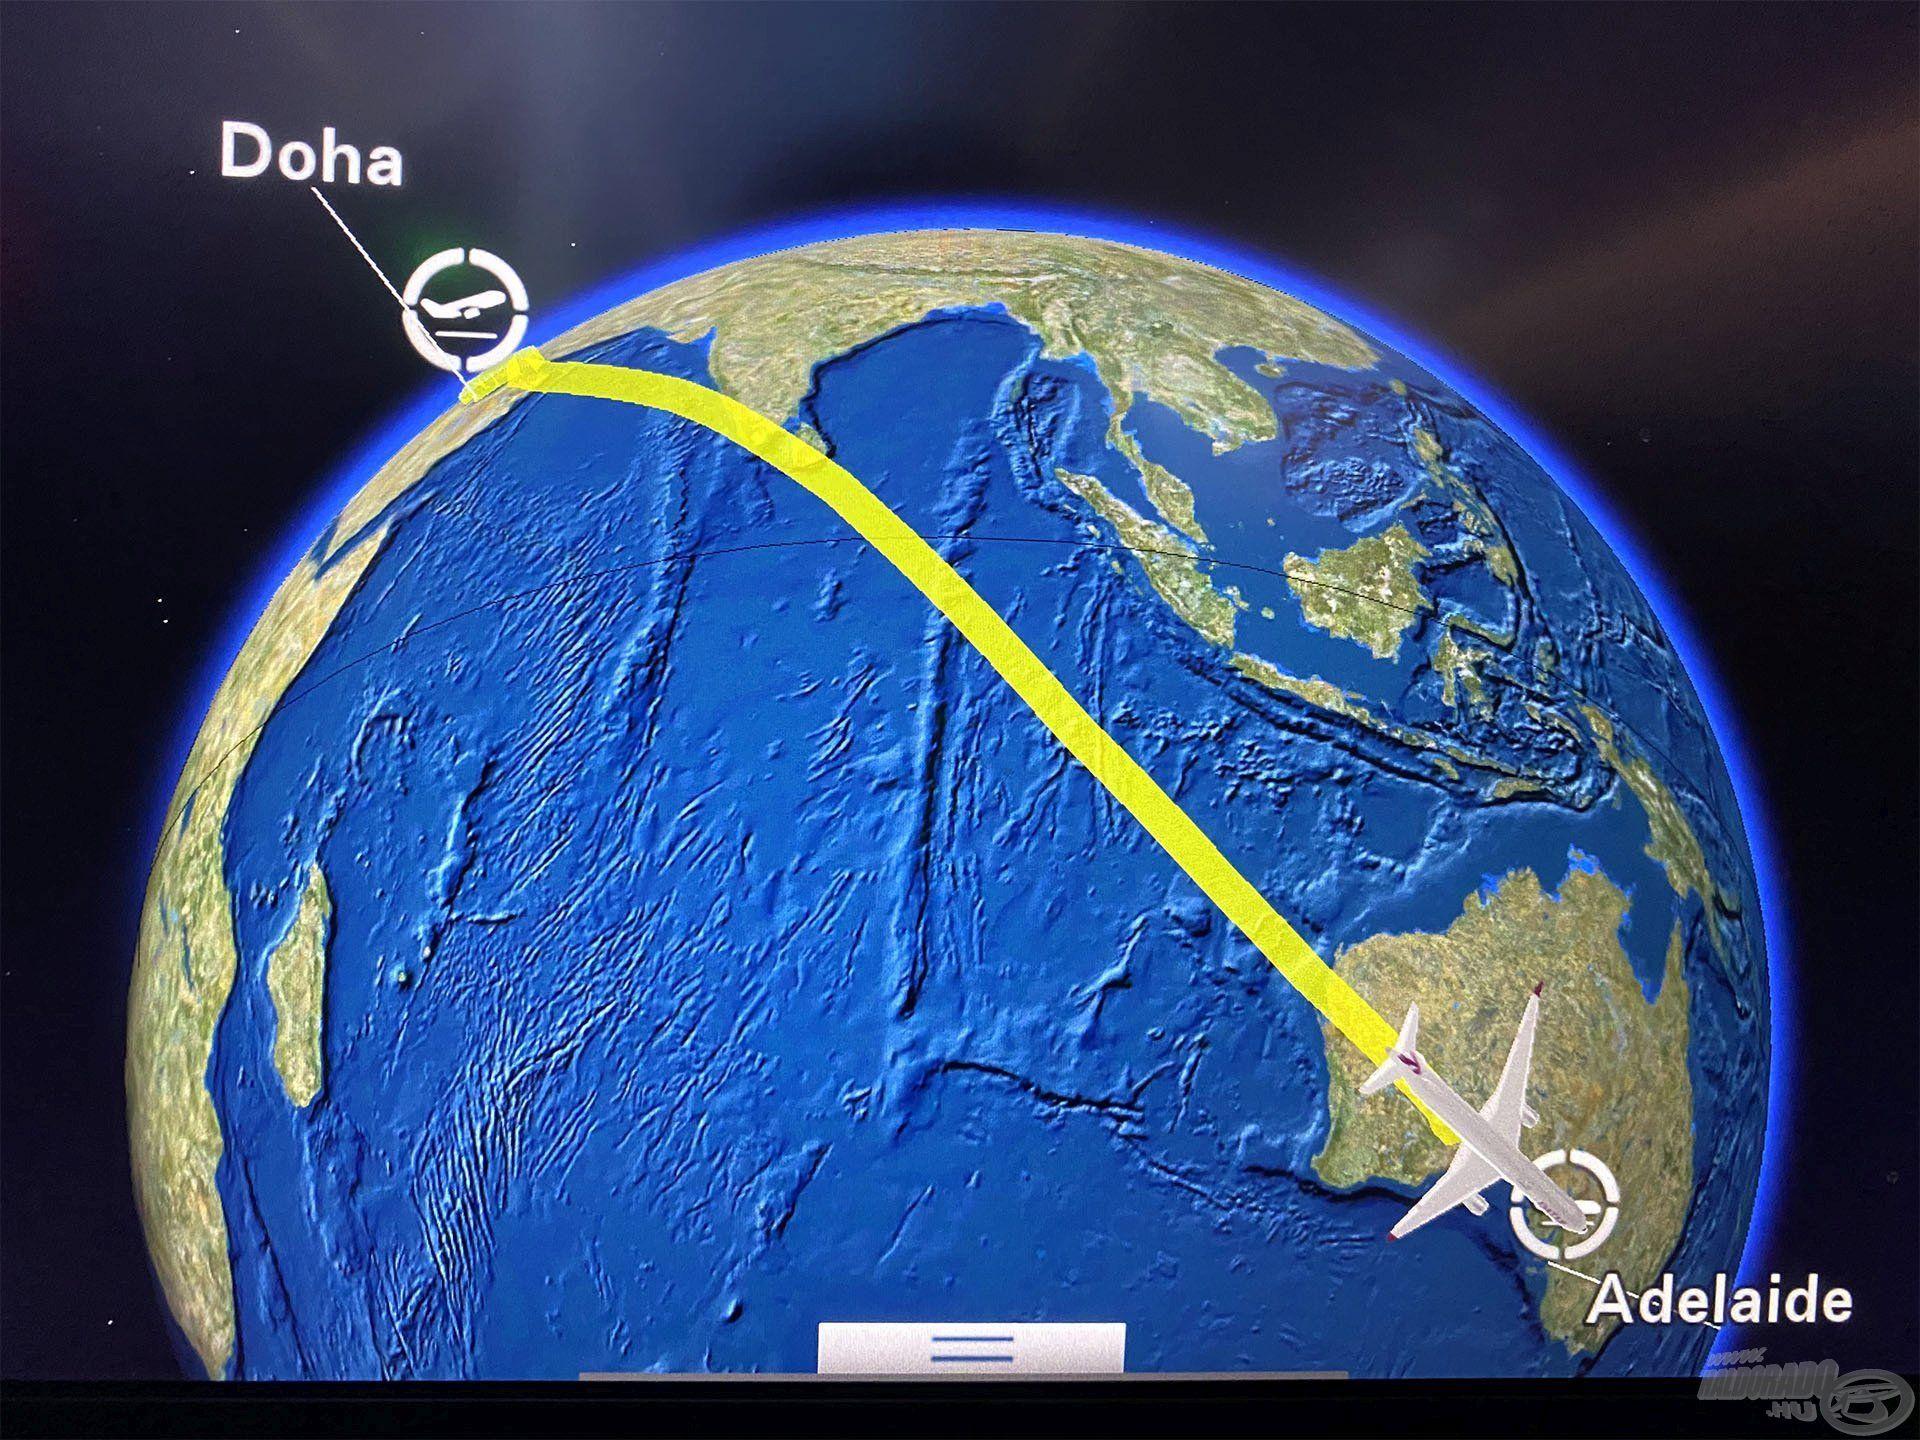 Hosszú út vezetett idáig. Budapestről Dohába, majd onnan Adelaide-be repültünk